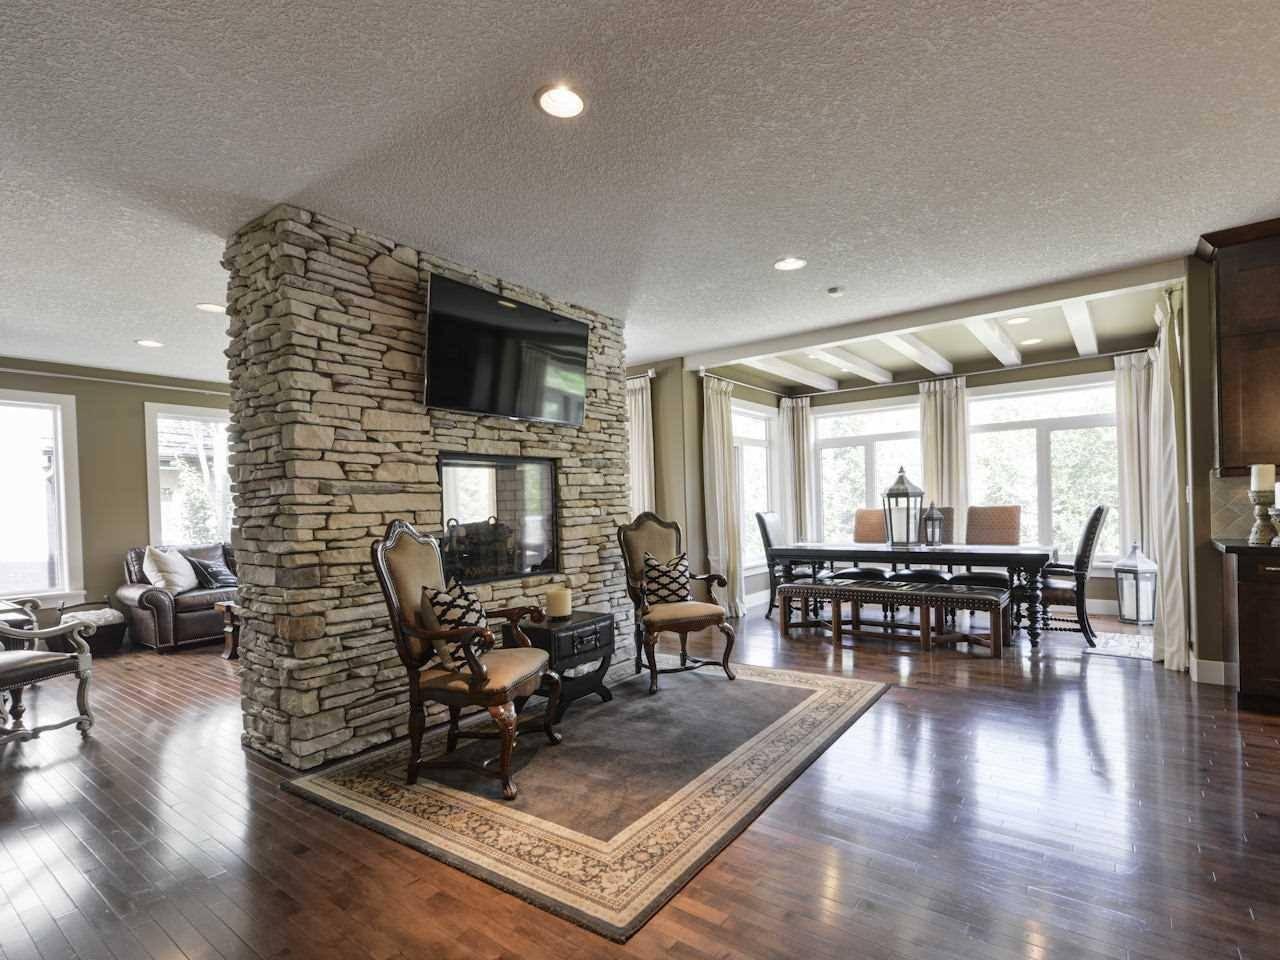 купить дом в Канаде, Эдмонтон, стоимость жилья в Канаде